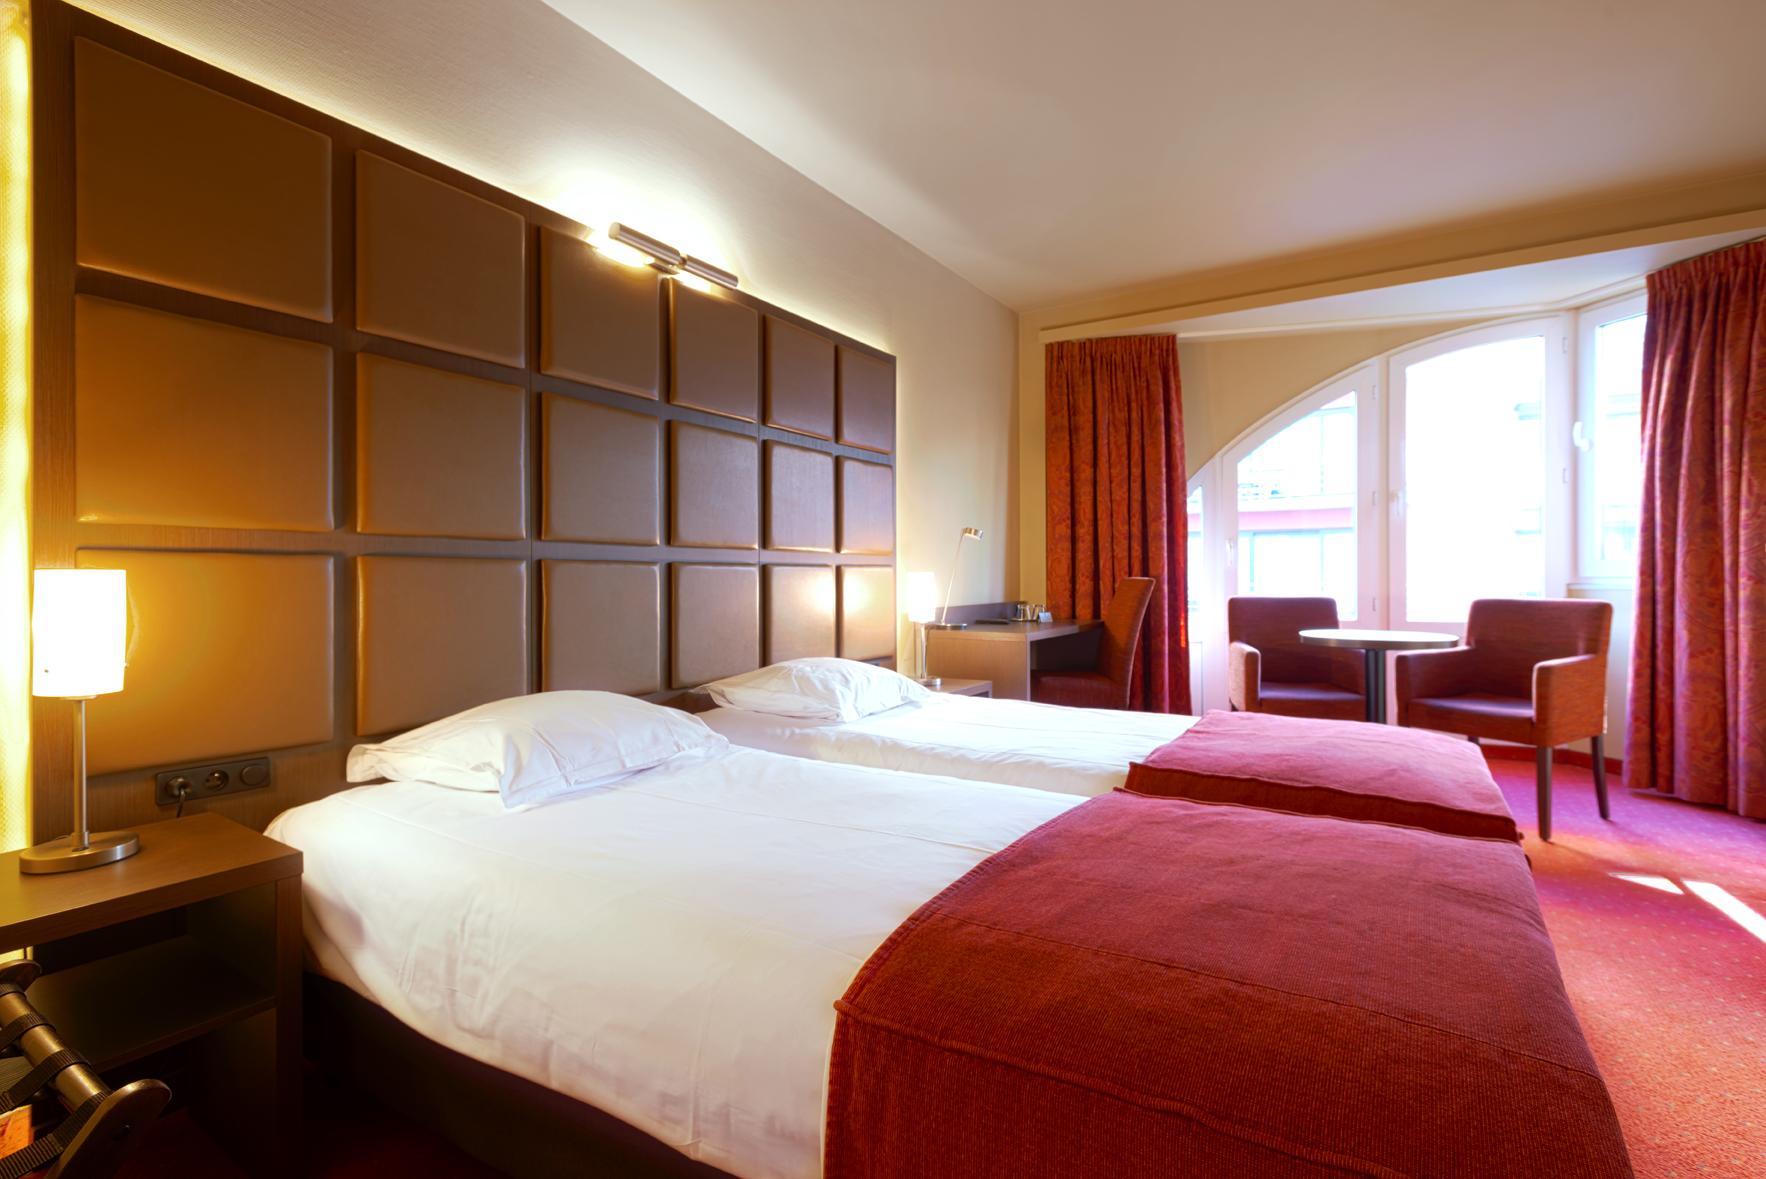 Adagio Hotel Online Booking Knokke Heist